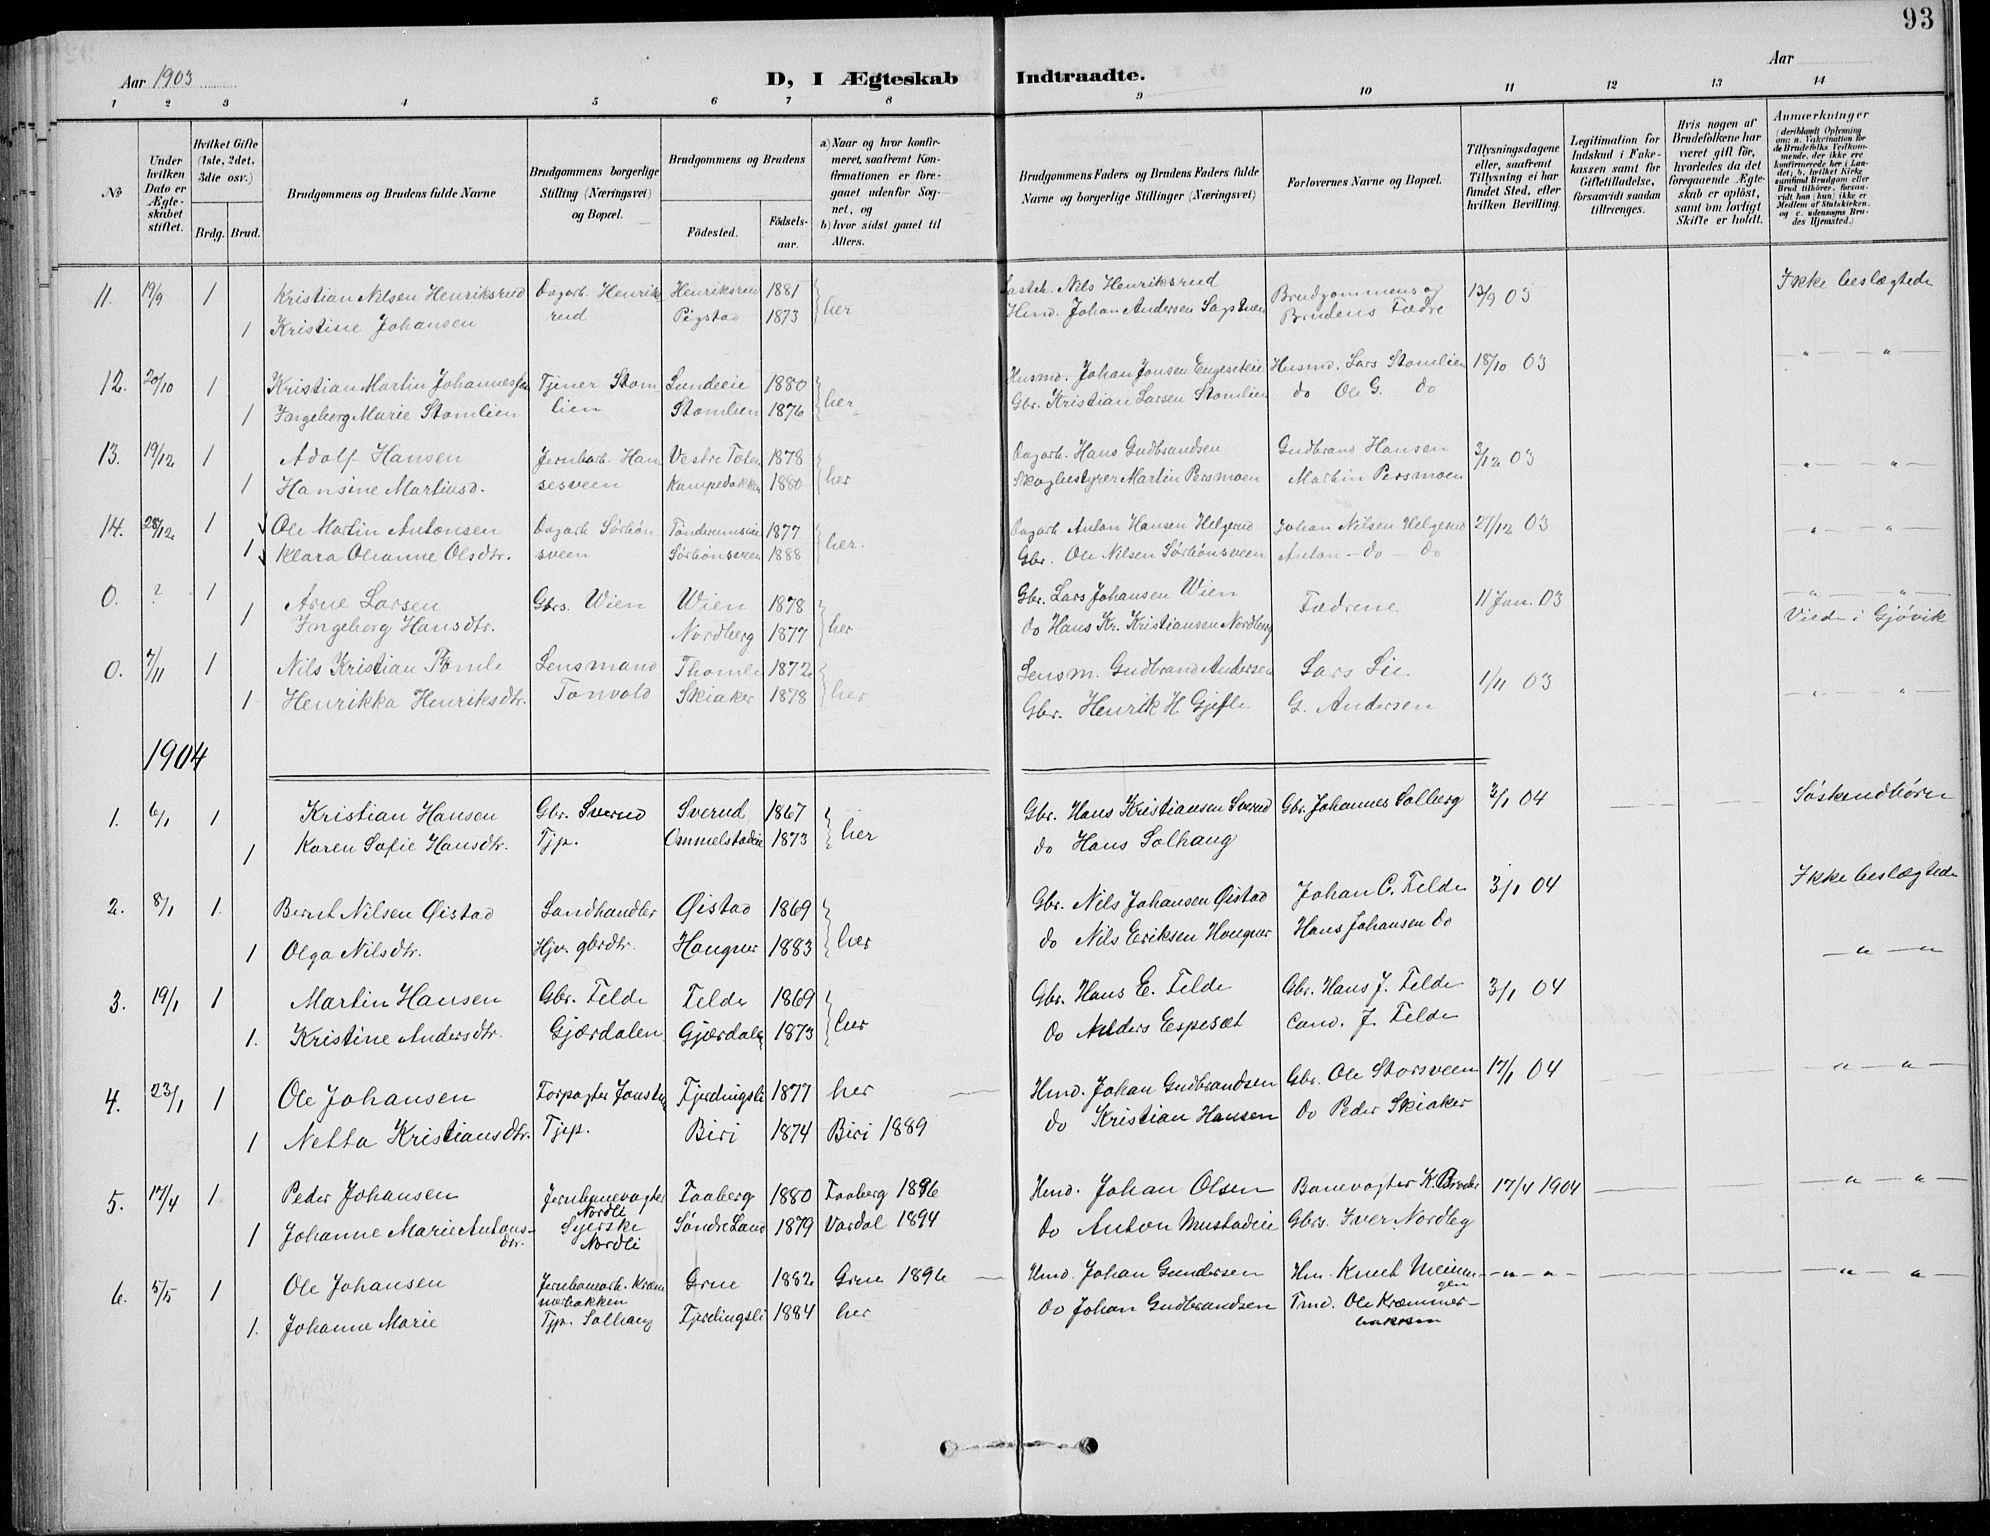 SAH, Nordre Land prestekontor, Klokkerbok nr. 14, 1891-1907, s. 93